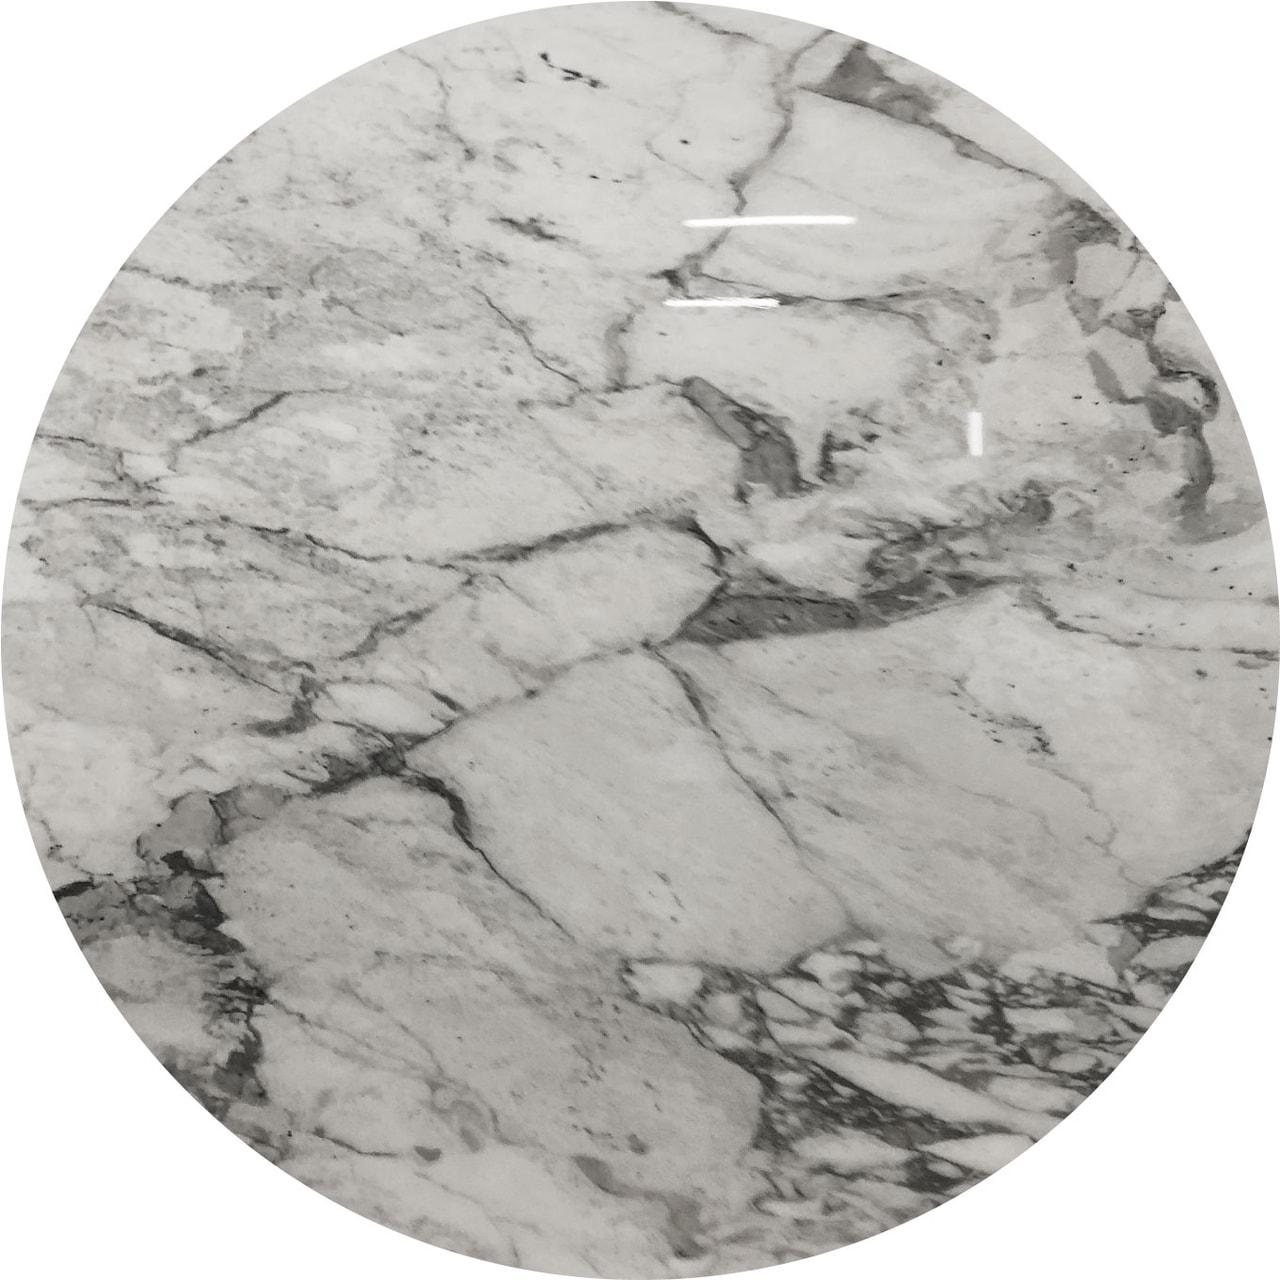 Saarinen Collection Round Tables(サーリネンテーブル)Φ1370mm アラベスカート 164TRMA2 (015)